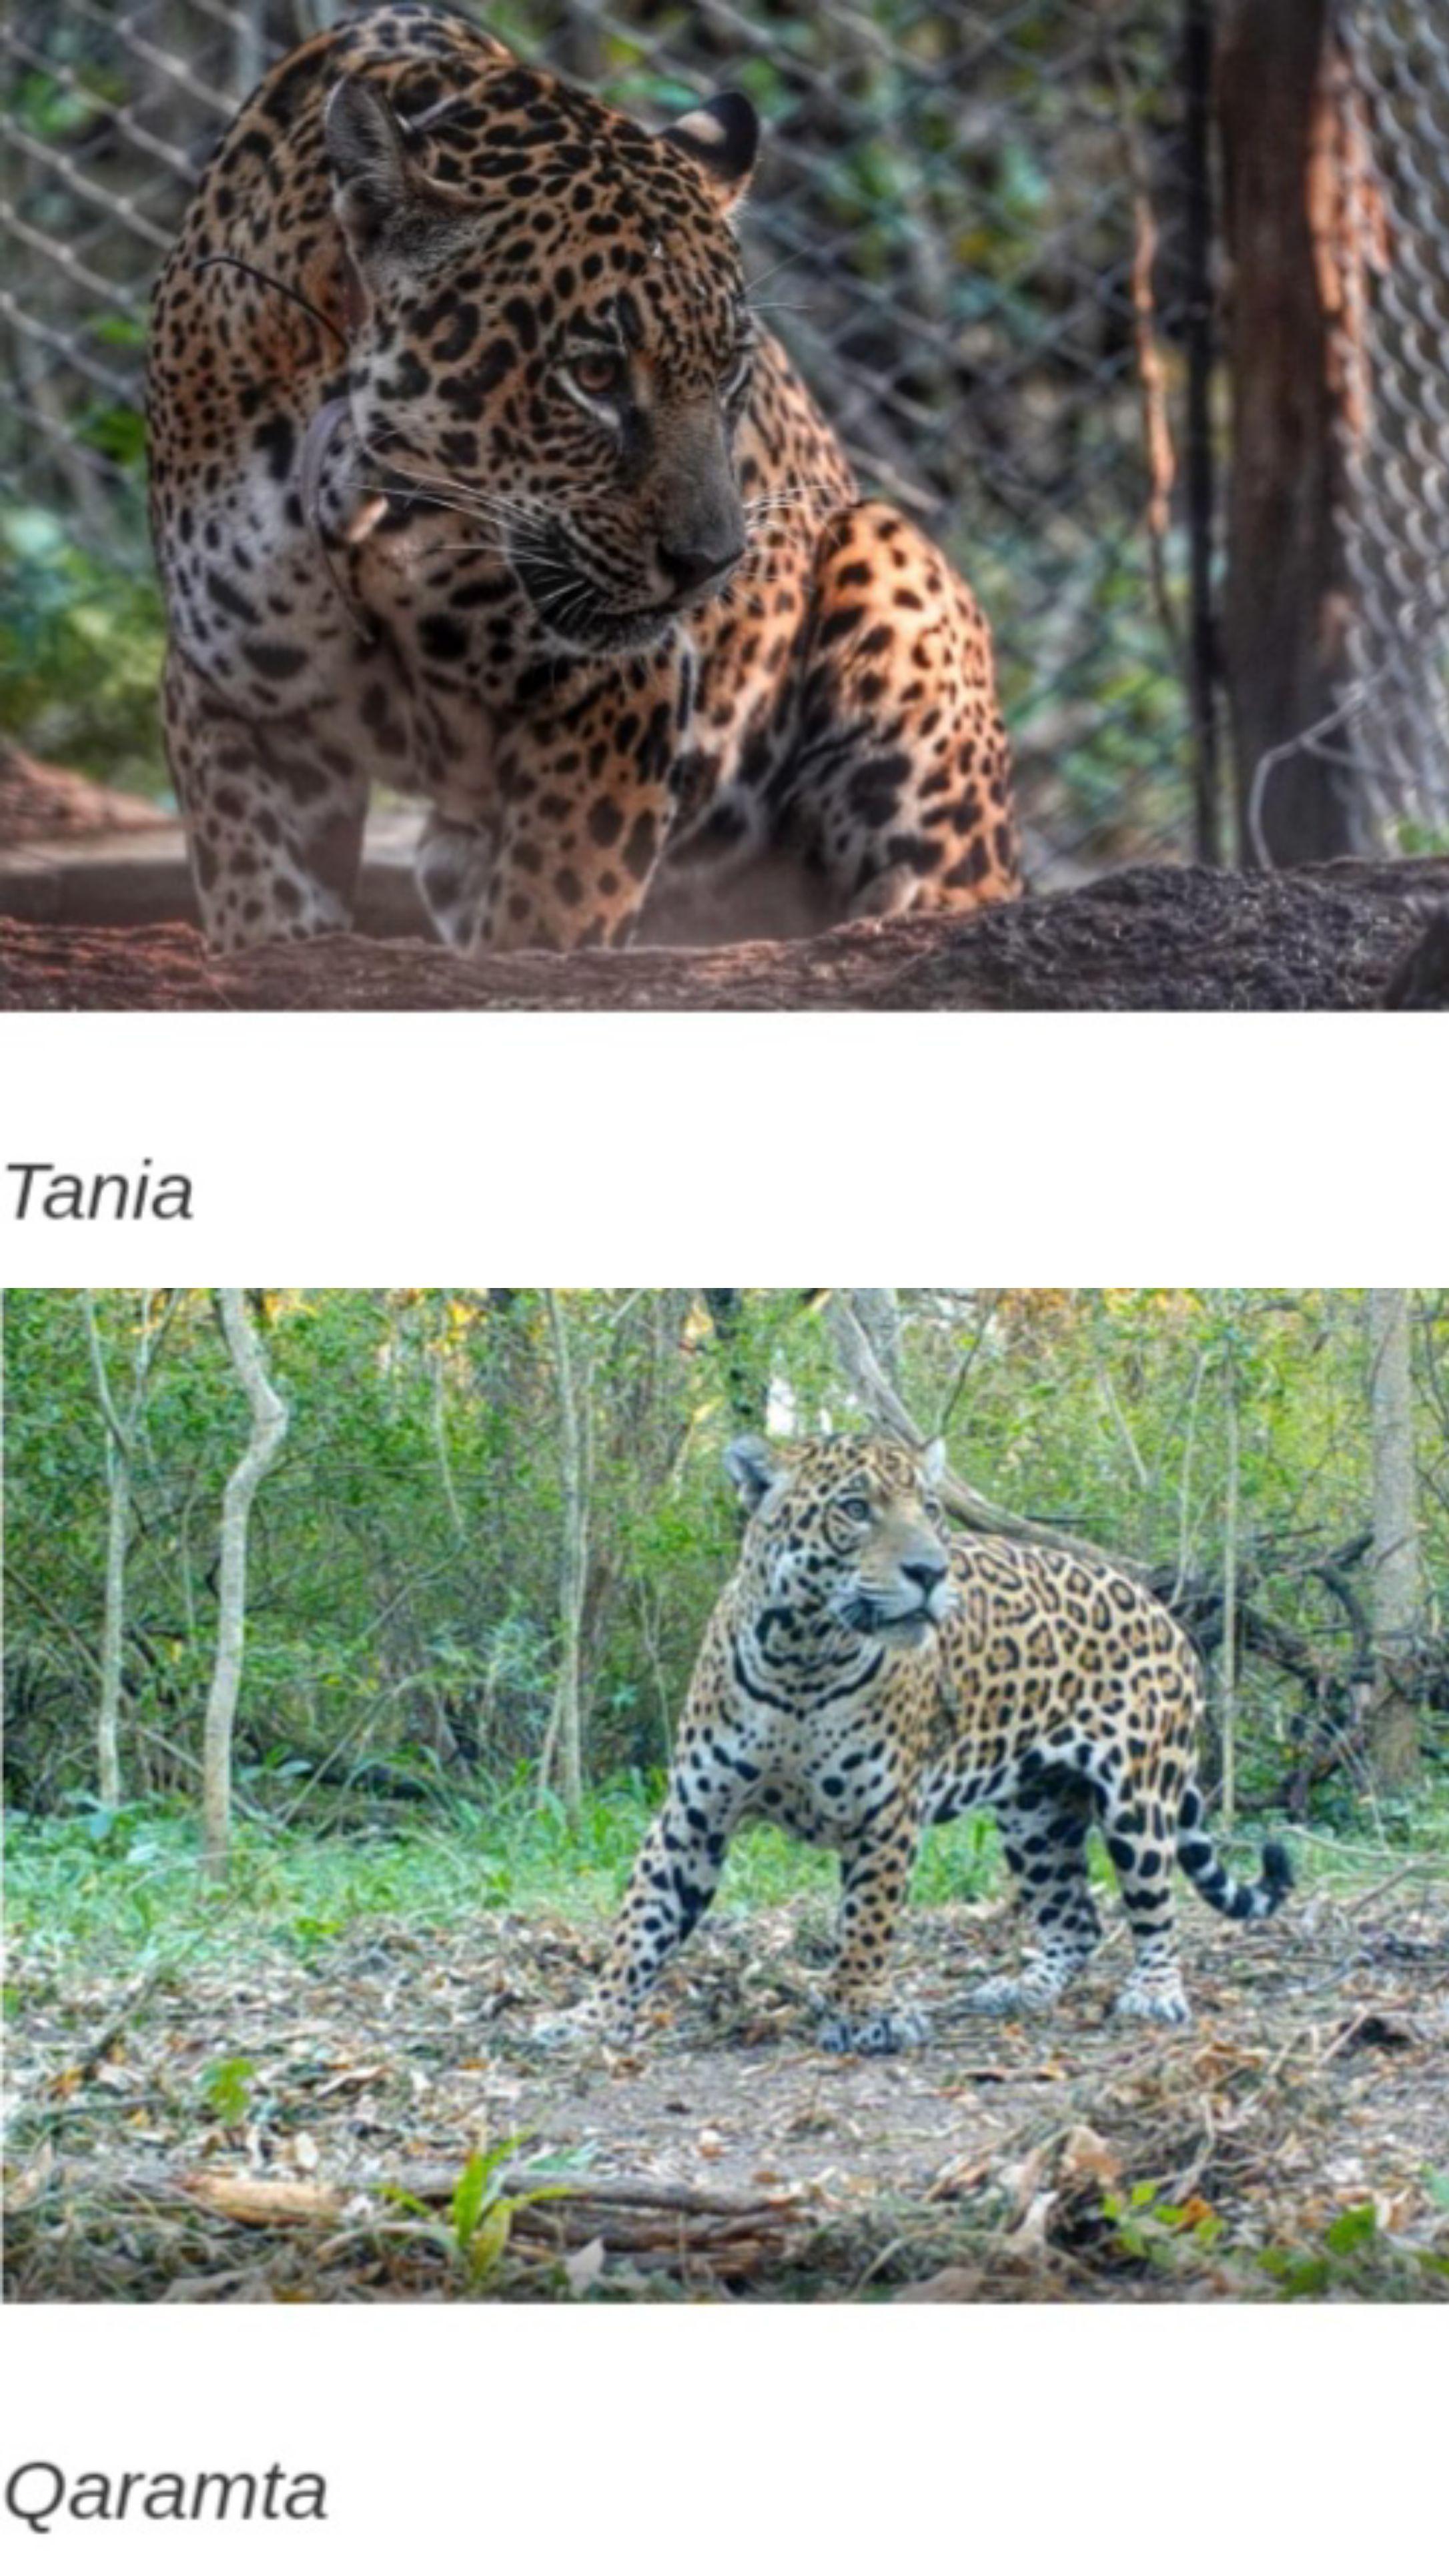 Los yaguaretés Tania y Qaramta estuvieron juntos para lograr la cruza y la descendencia de la especie.